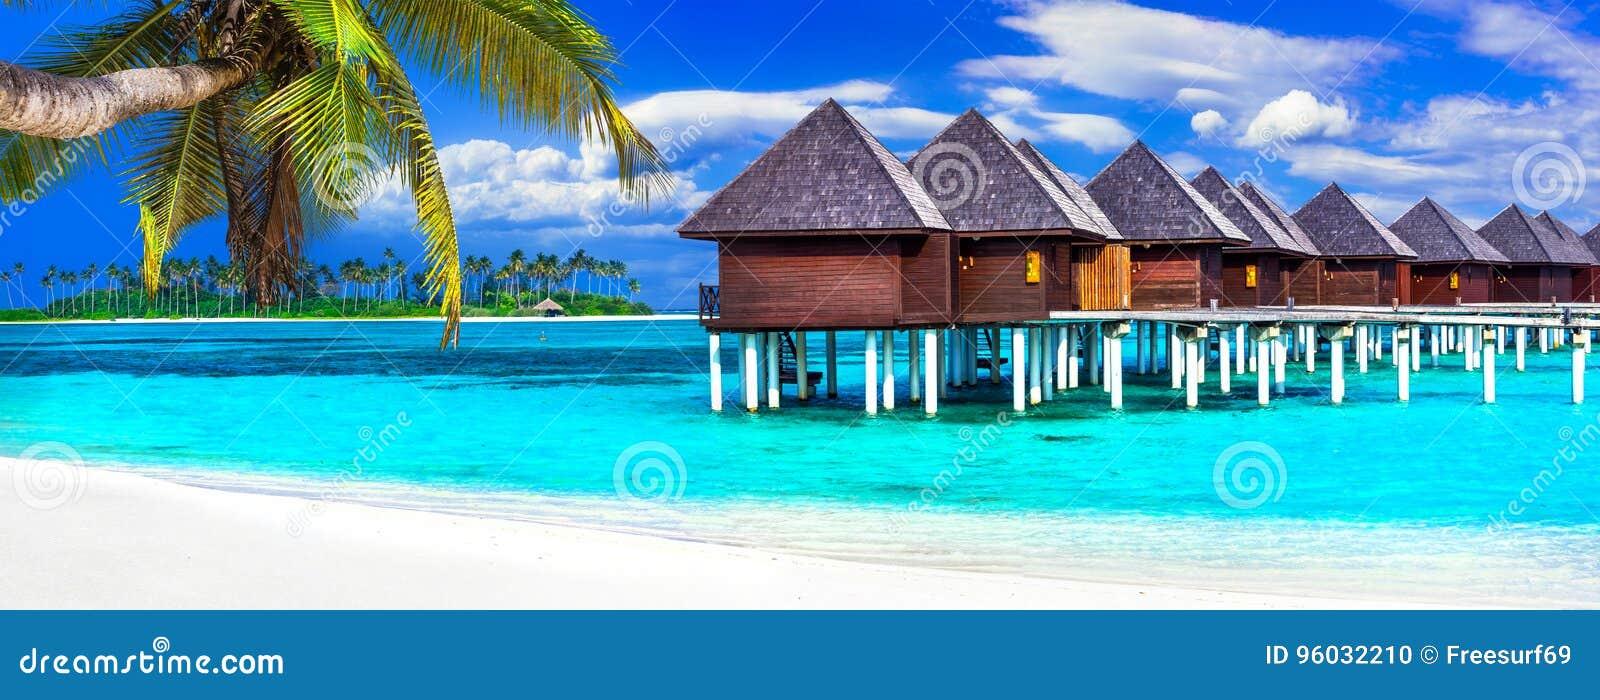 Luksusowi Maldives być na wakacjach - panorama z wodnymi bungalowami